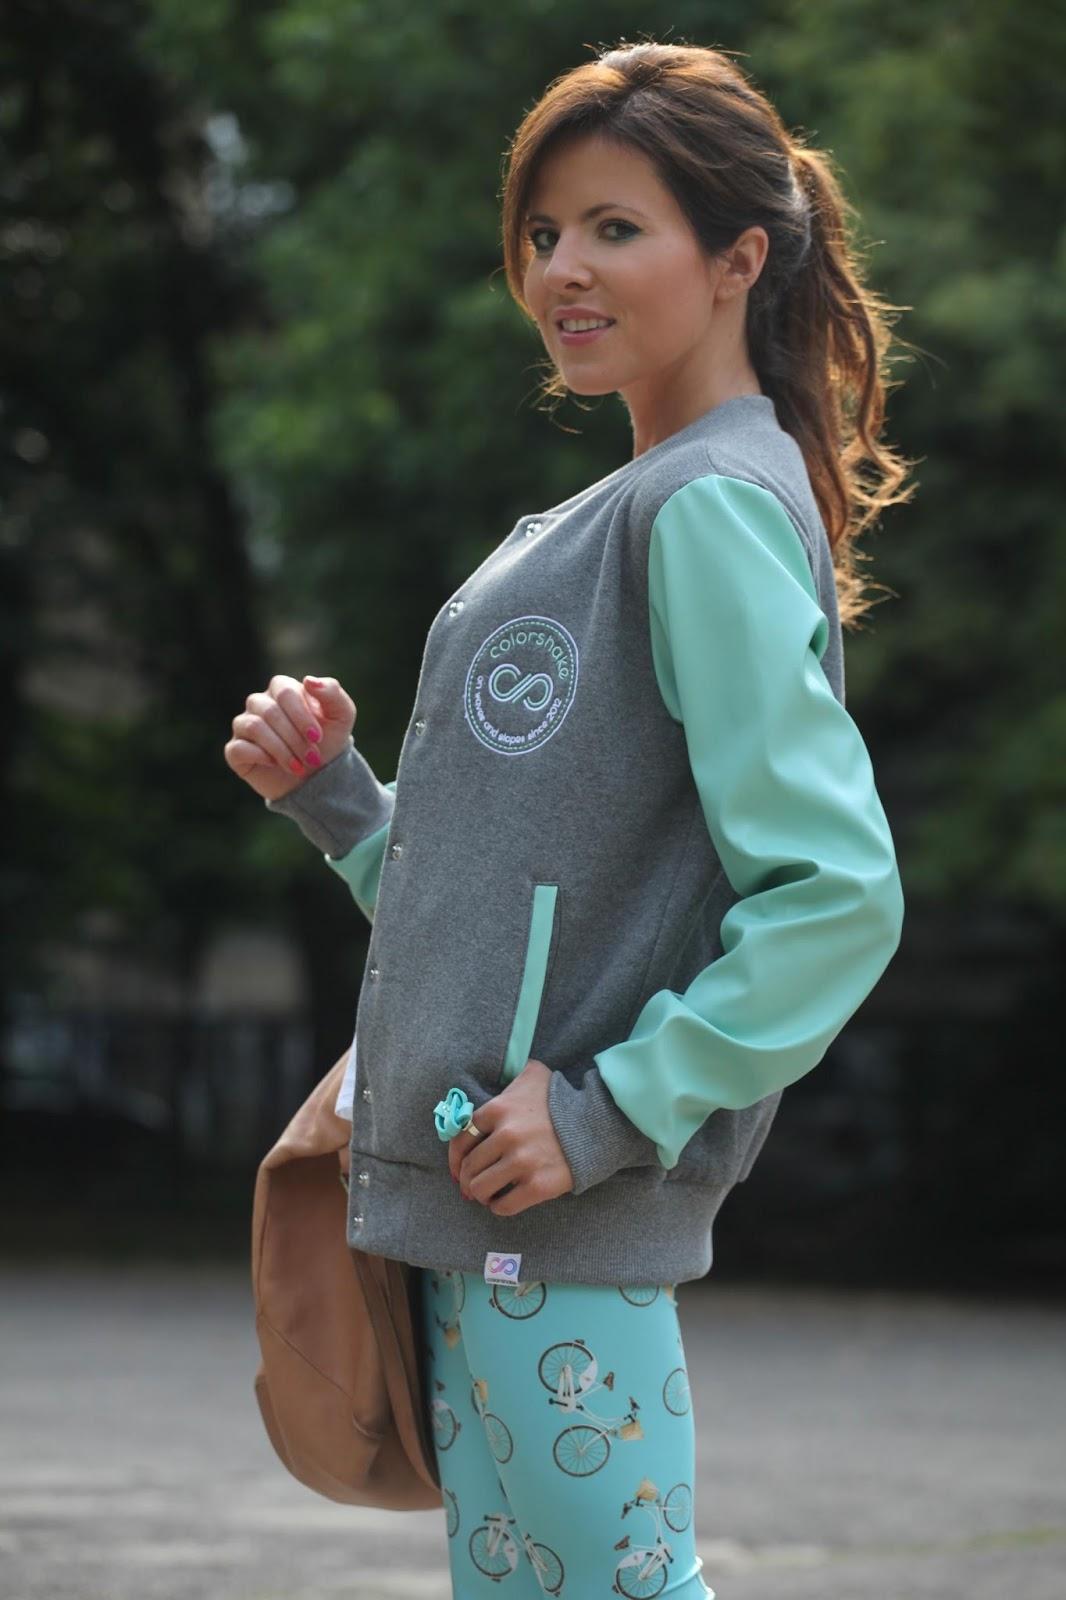 Fashion roulette blogspot